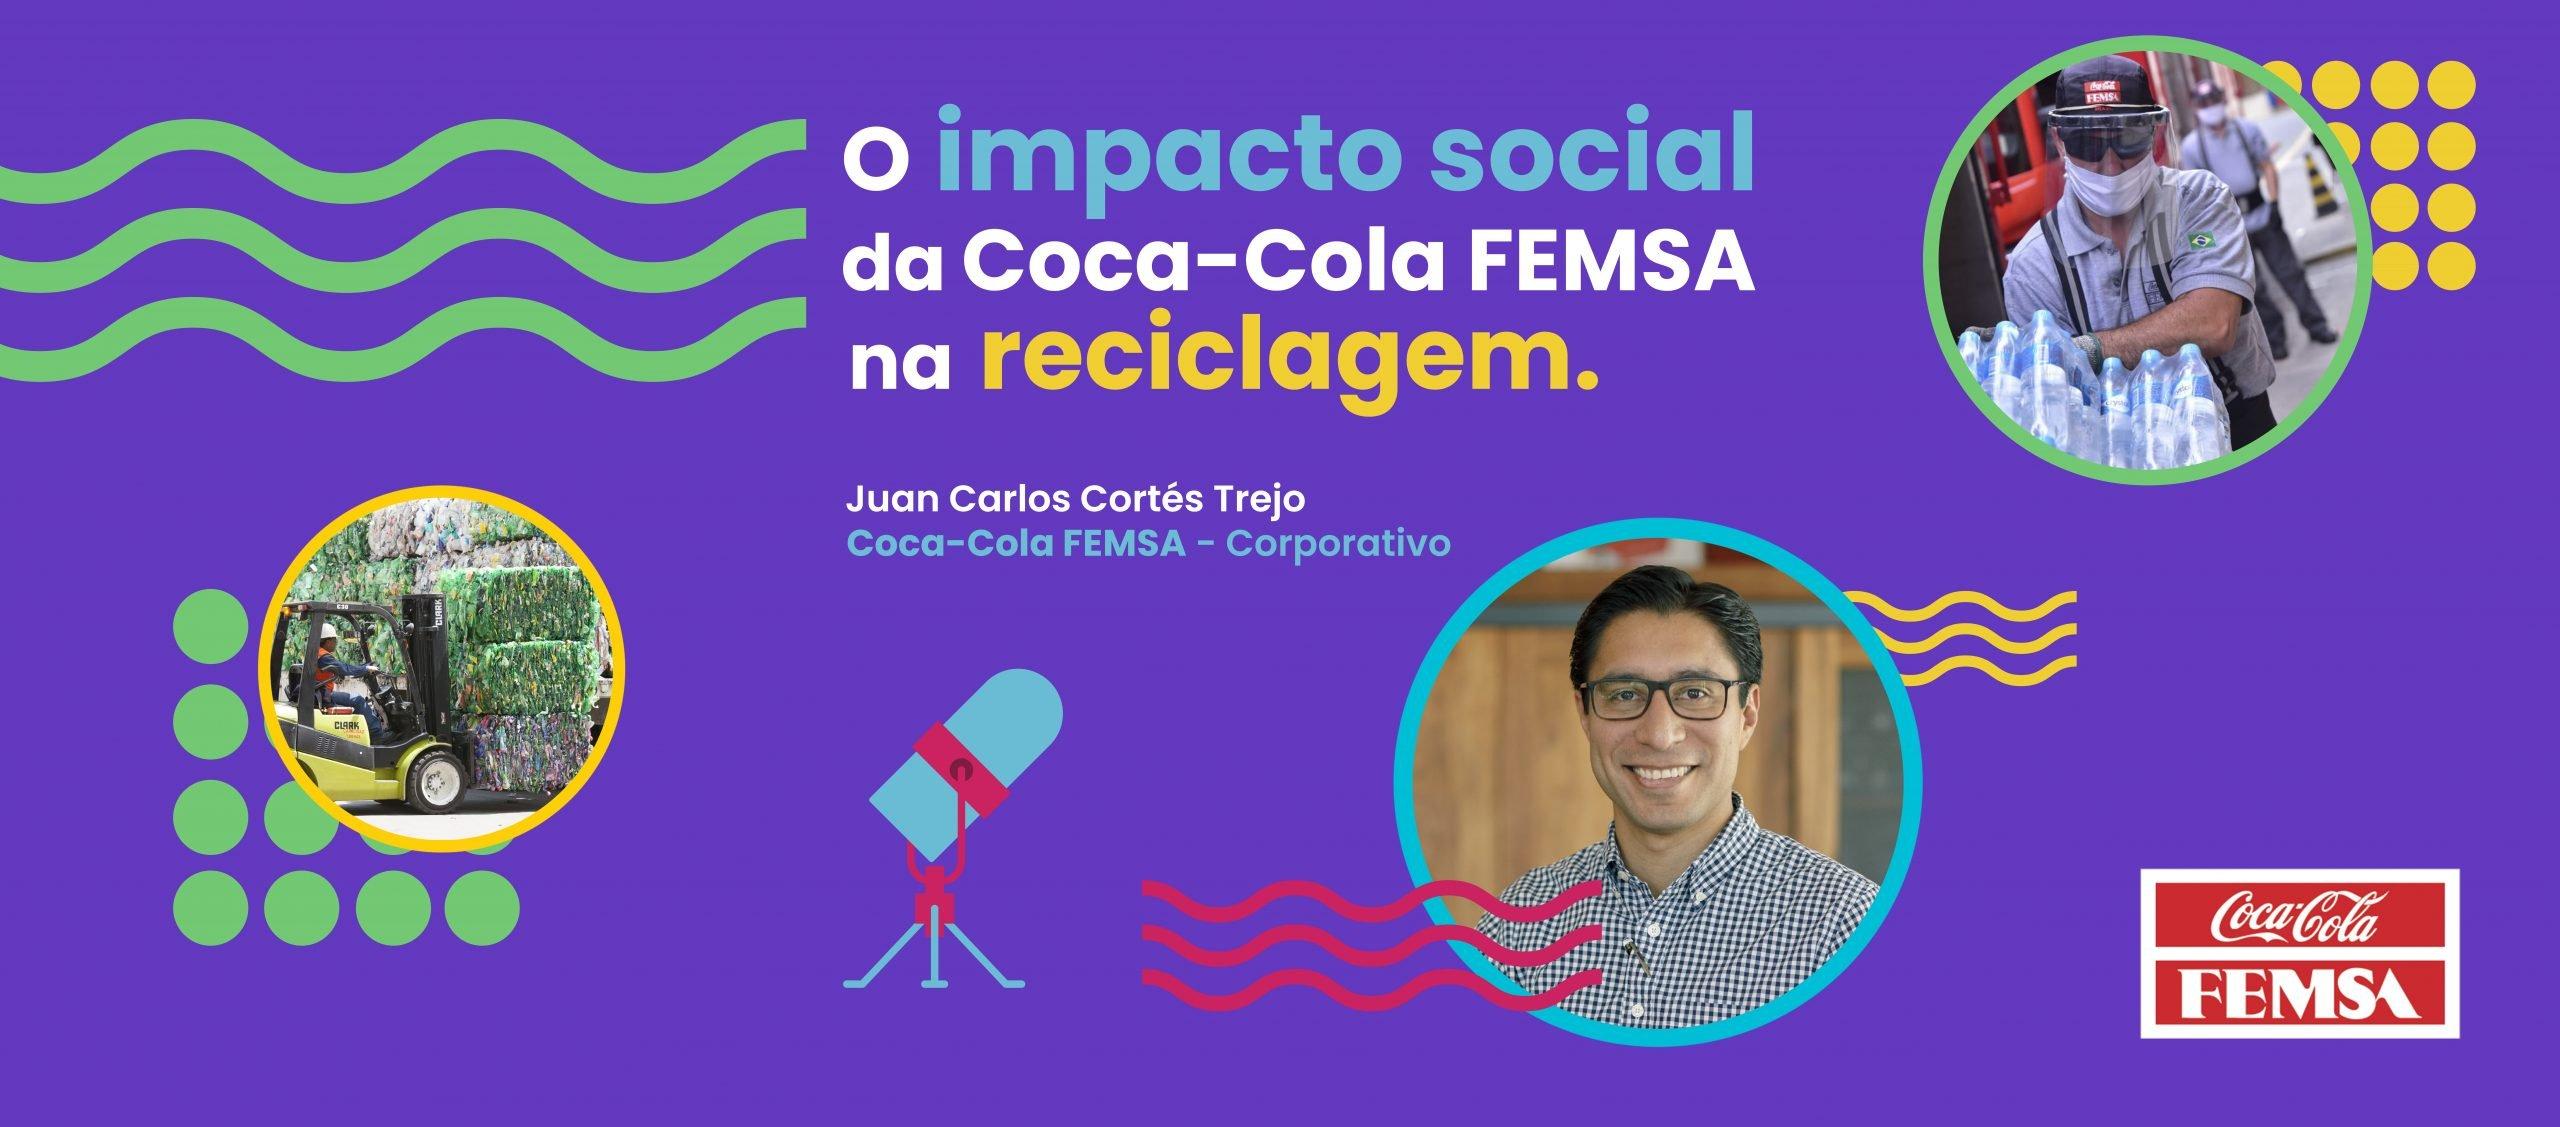 O IMPACTO SOCIAL DA RECICLAGEM NA COCA-COLA FEMSA